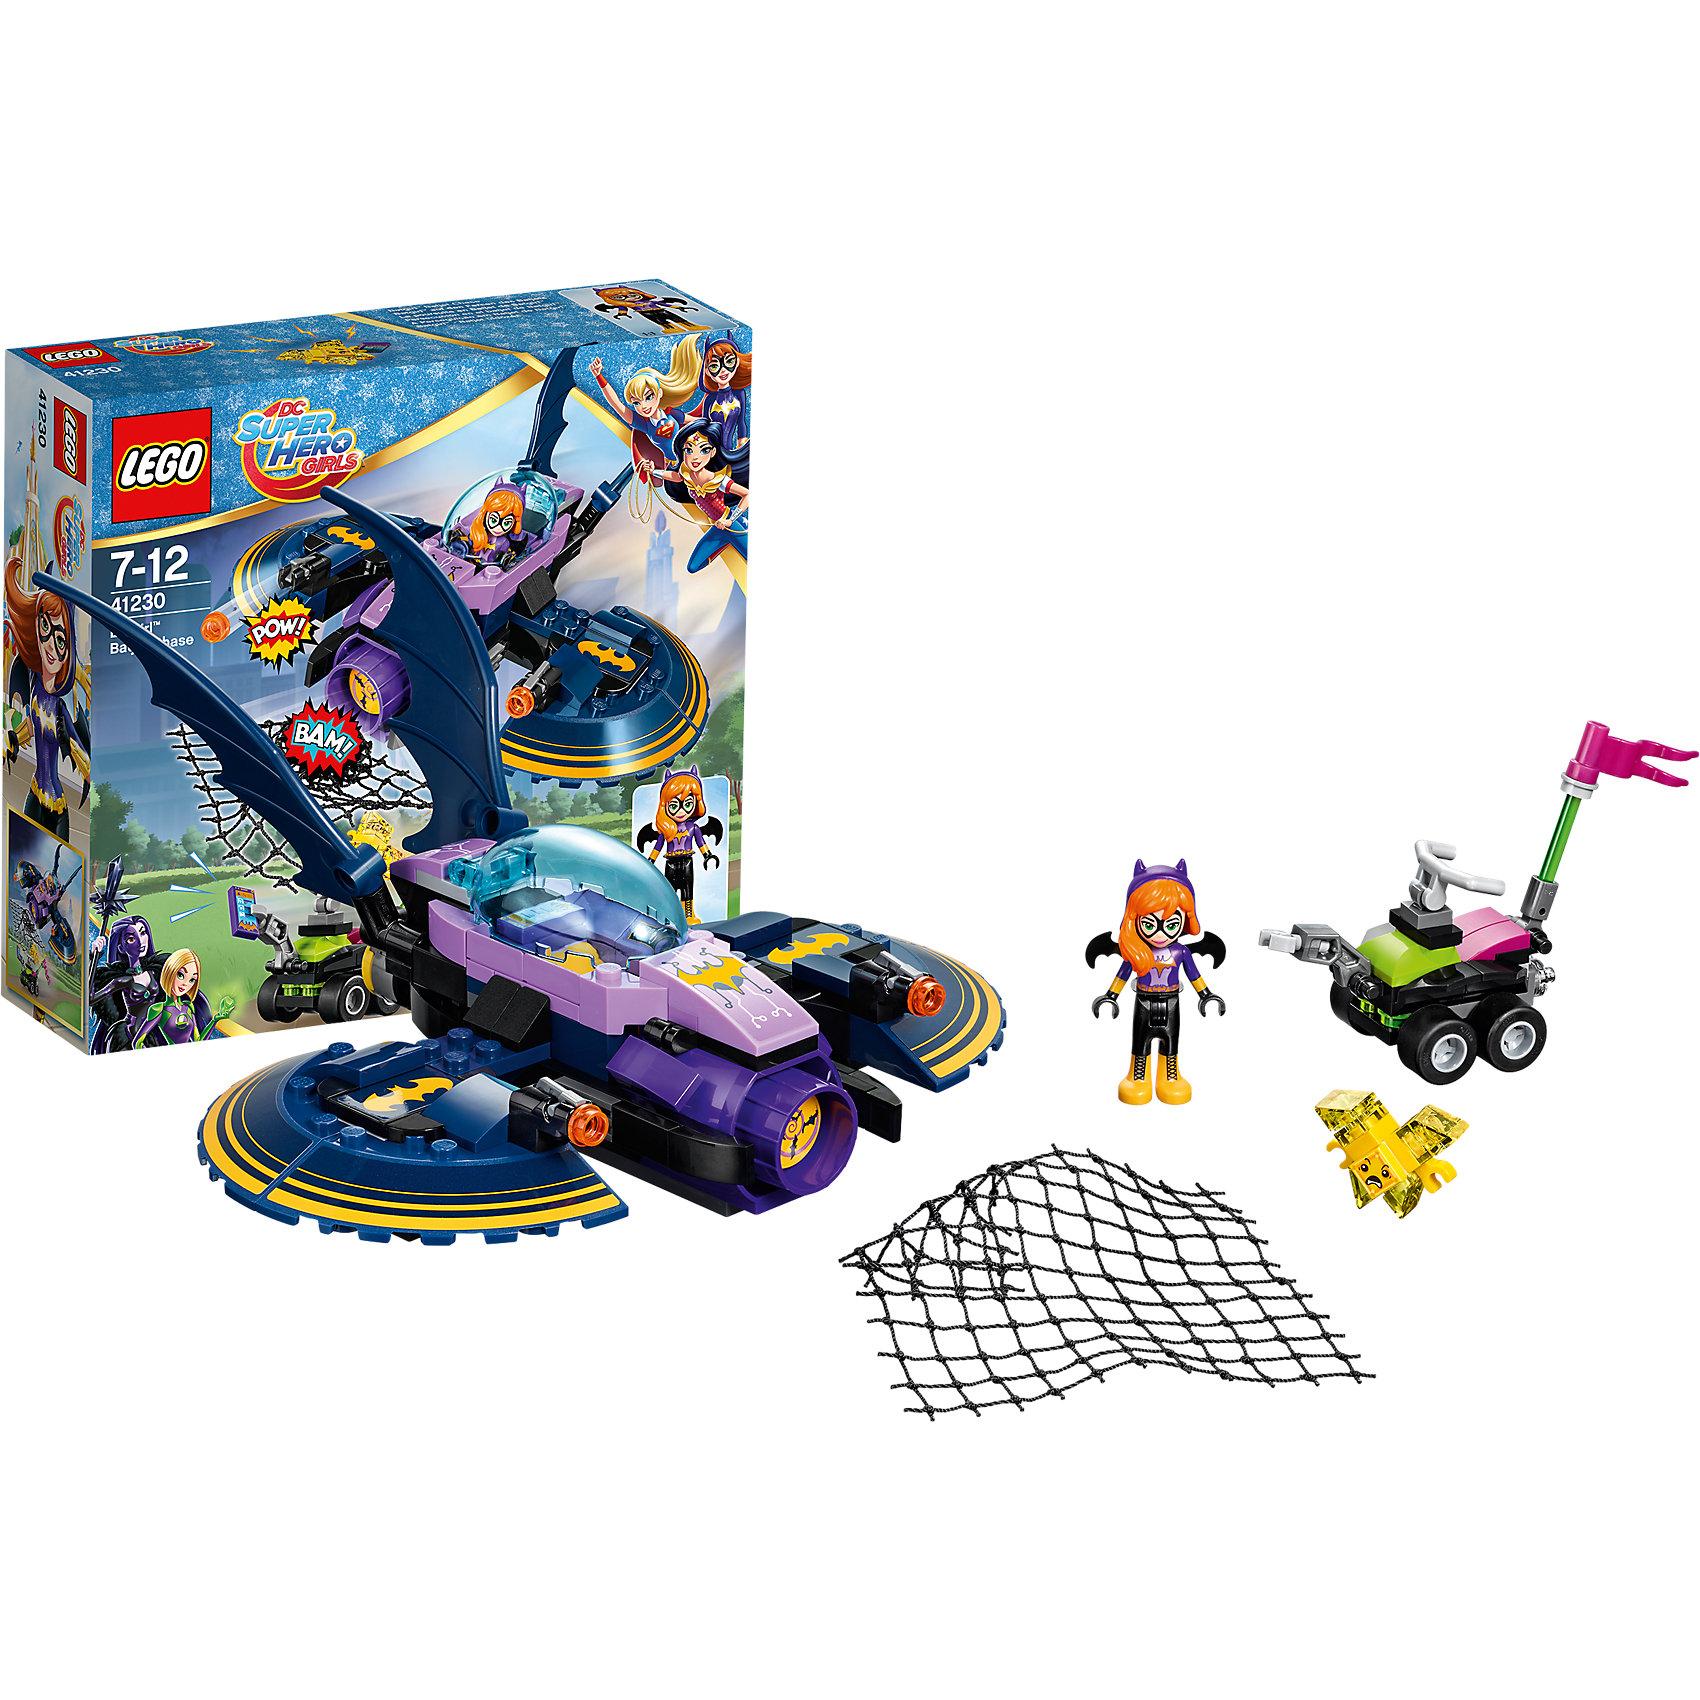 LEGO DC Super Girls 41230: Бэтгёрл: погоня на реактивном самолётеLEGO DC Super Girls 41230: Бэтгёрл: погоня на реактивном самолёте<br><br>Характеристики:<br><br>- в набор входит: детали двух транспортных средств, 2 фигурки; аксессуары; инструкция по сборке<br>- фигурки набора: Бэтгёрл, Криптомин<br>- состав: пластик<br>- количество деталей: 93 <br>- размер Бэтолета: 17 * 9 * 17 см.<br>- размер машинки: 7 * 6 * 3 см.<br>- для детей в возрасте: от 5 до 12 лет<br>- Страна производитель: Дания/Китай/Чехия<br><br>Легендарный конструктор LEGO (ЛЕГО) представляет серию «DC Super Girls» (ДиСи Супер Гёрлс) по сюжетам фильмов и мультфильмов о супергероинях. <br><br>Этот набор понравится любителям короткометражных мультфильмов компании Warner Brothers DC Super Girls (ДиСи Супер Гёрлс). Фигурка Бэтгёрл отлично проработана, ее рельефные волосы уложены в красивую прическу, на голове снимающийся ободок с ушами летучей мыши. Ее наряд очень удобен для работы – черные штаны, фиолетовая кофта и ботинки на шнурках. Фигурка может двигать головой, руками, торсом и принимать сидячее положение. Мощный Бэтолет девушки оснащен двумя полукруглыми крыльями-турбинами, чтобы он мог приземляться не хуже вертолета. <br><br>Два передних бластера на механизме стреляют снарядами в злодея Криптомина. Передняя пушка предназначена для выброса сетки. Кабина выкрашена в лиловый цвет и закрывается прозрачной деталью для обесепечения безопасности пилота. Два крыла летучей мыши повышают аэродинамические свойства судна. Злодей Криптомин украл важную информацию о преступниках и скрылся на своем багги. Багги оснащен управляемой железной рукой для похищения вещей. Помоги Бэтгёрл одержать верх над Криптомином! <br><br>Играя с конструктором ребенок развивает моторику рук, воображение и логическое мышление, научится собирать по инструкции и создавать свои модели. Придумывайте новые истории любимых героев с набором LEGO «DC Super Girls»!<br><br>Конструктор LEGO DC Super Girls 41230: Бэтгёрл: погоня на реактивном сам